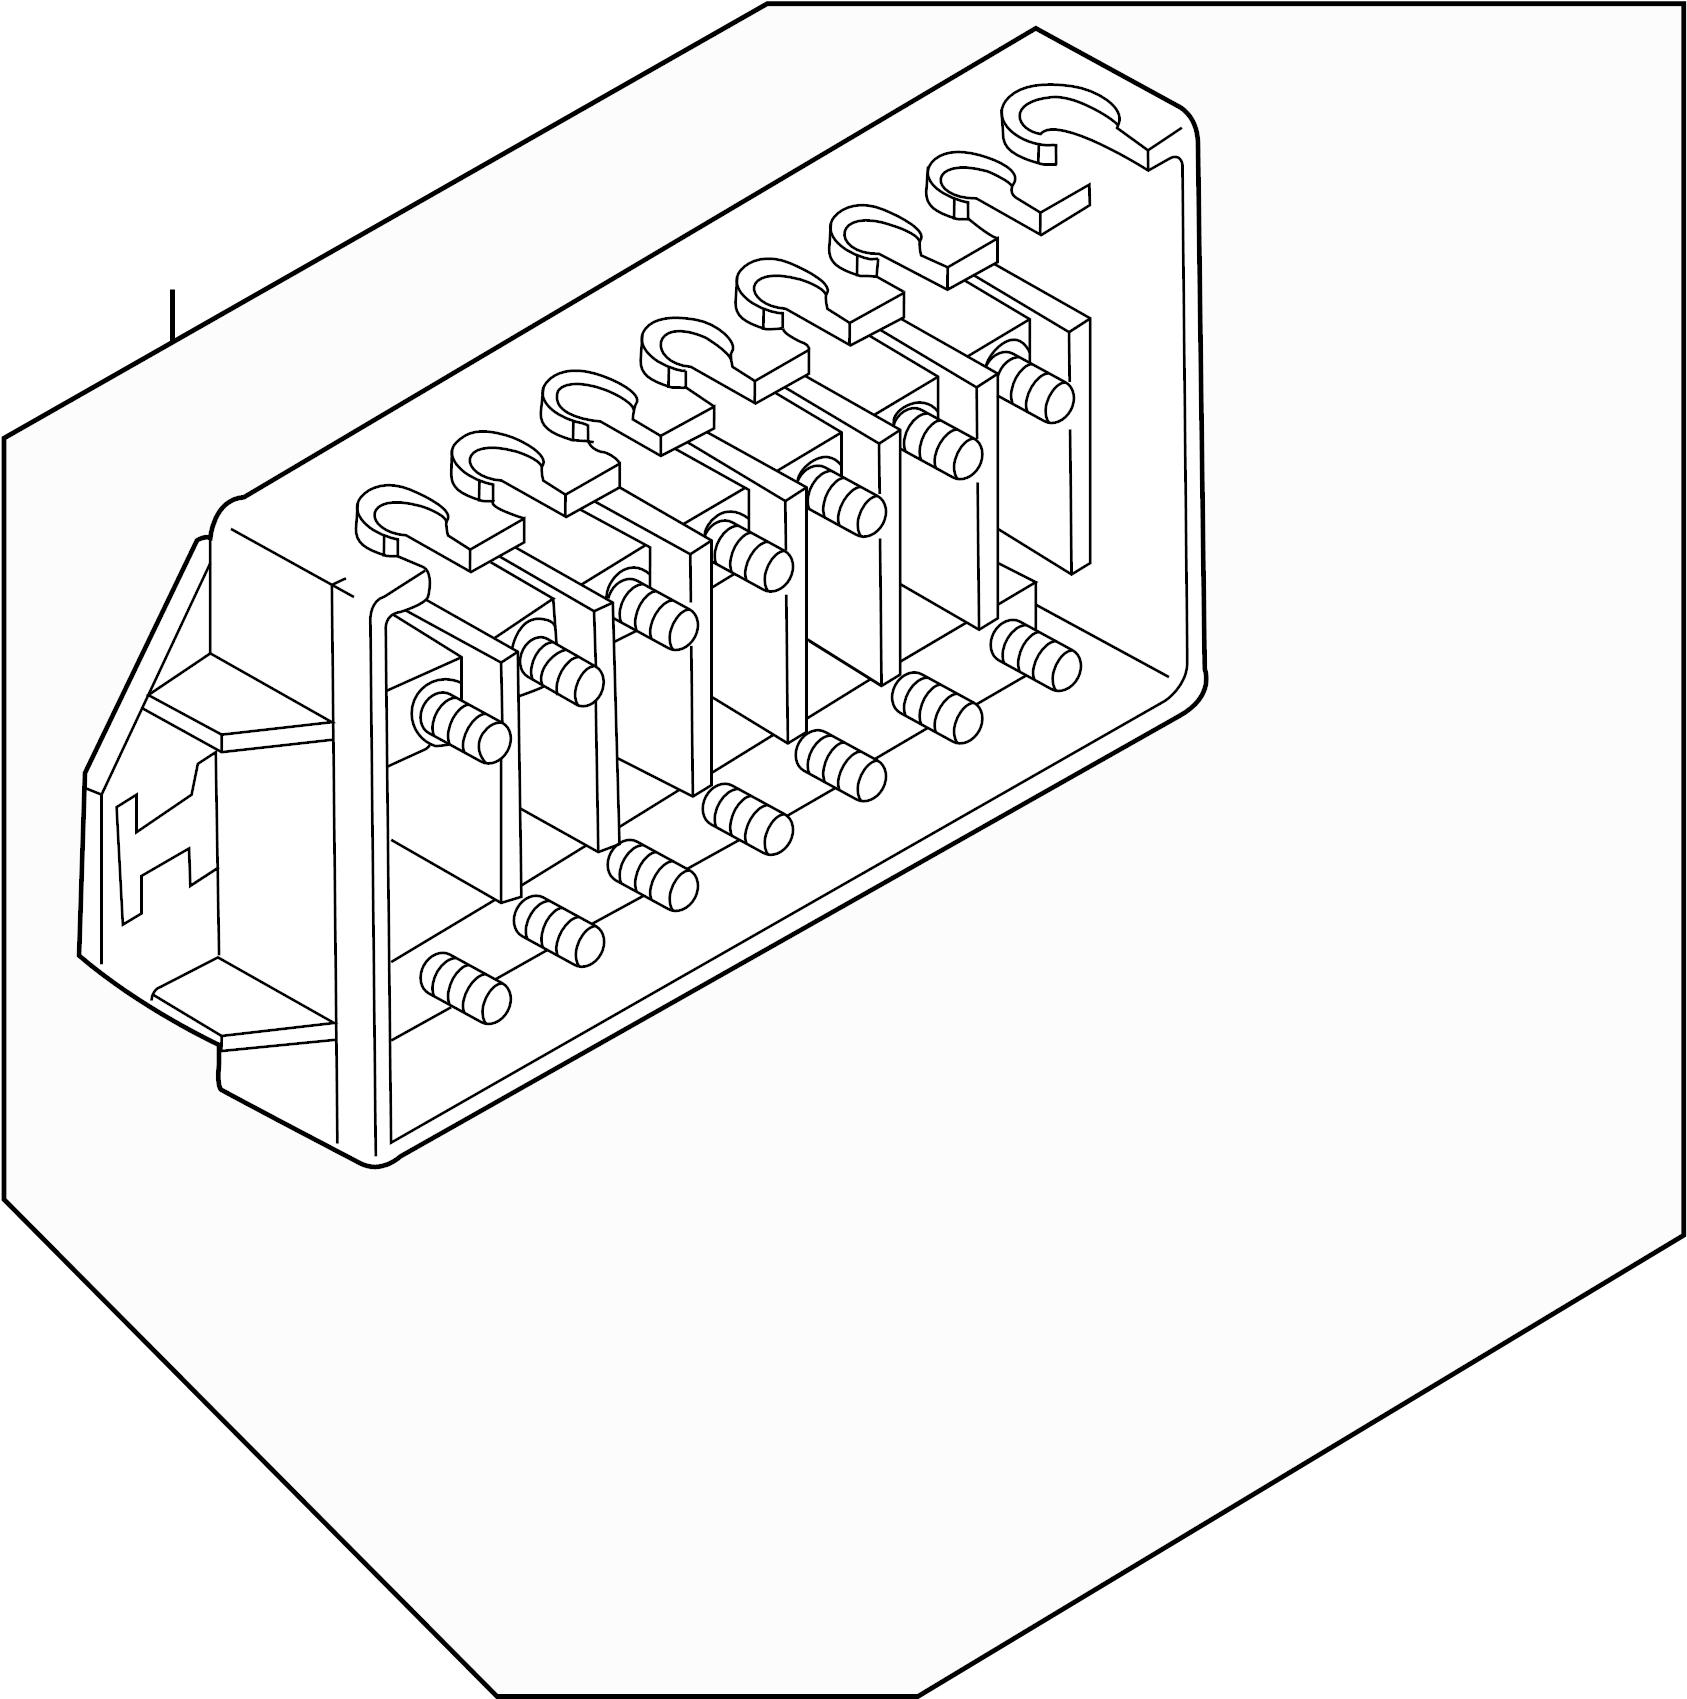 Main fuse box for Volvo V70. #9162321